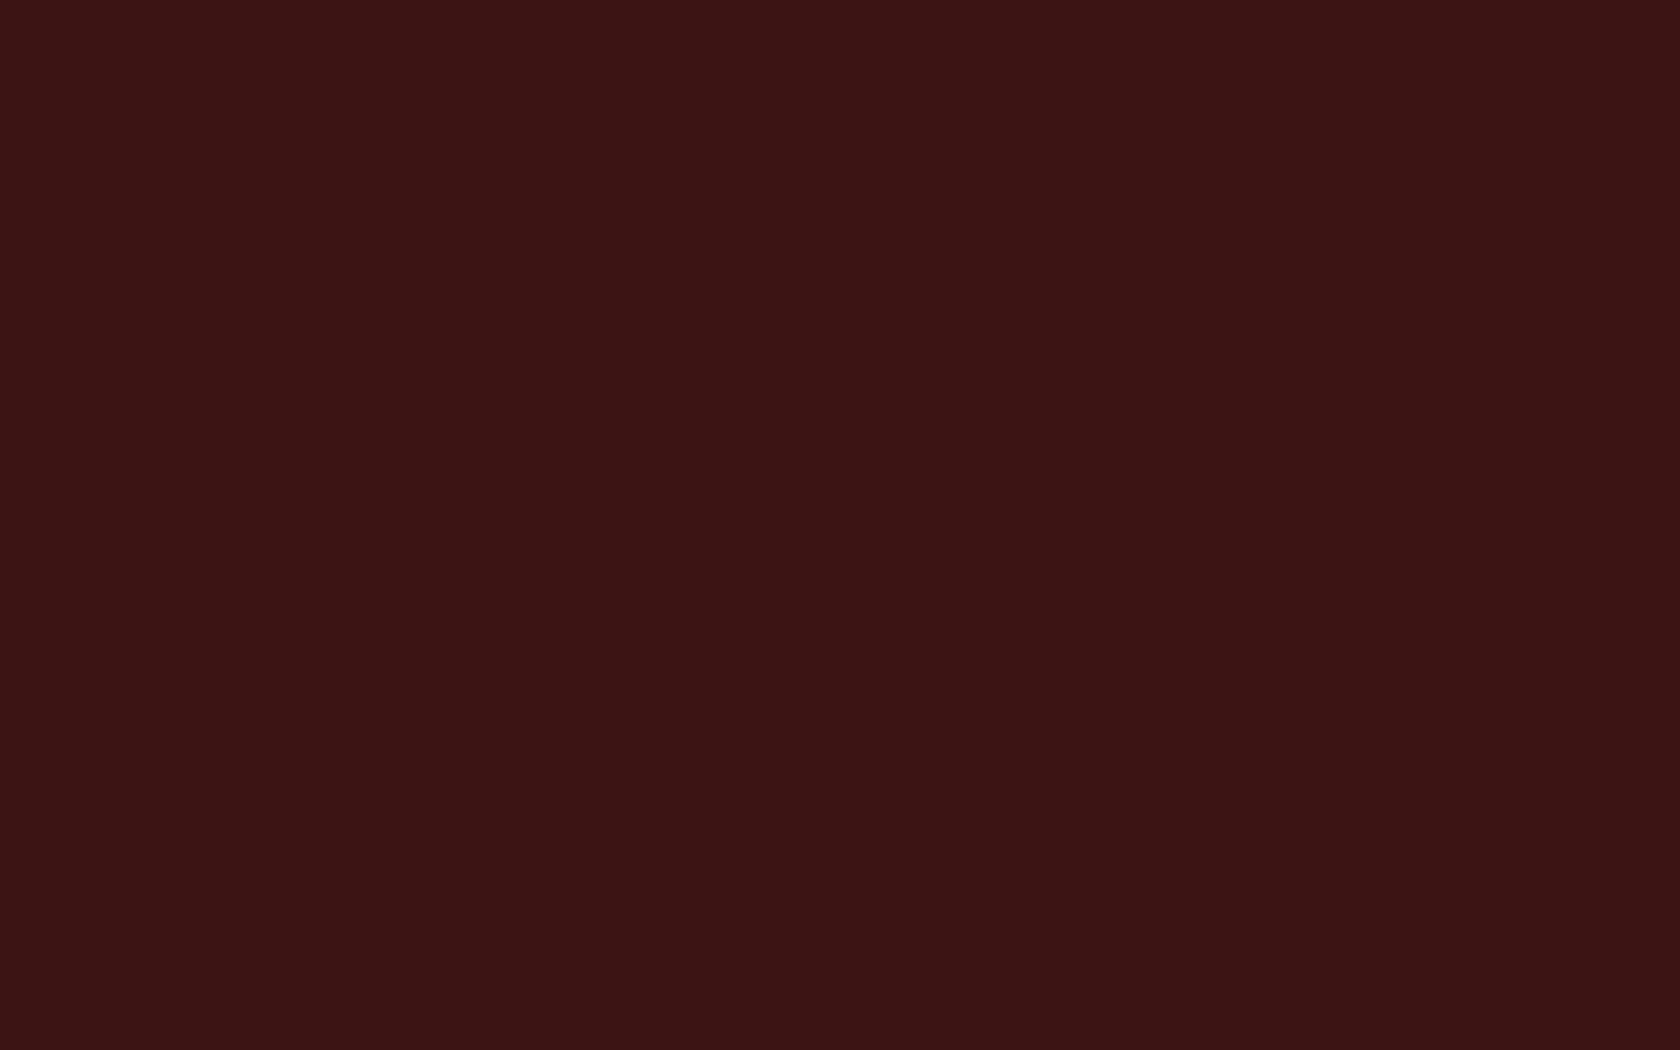 1680x1050 Dark Sienna Solid Color Background